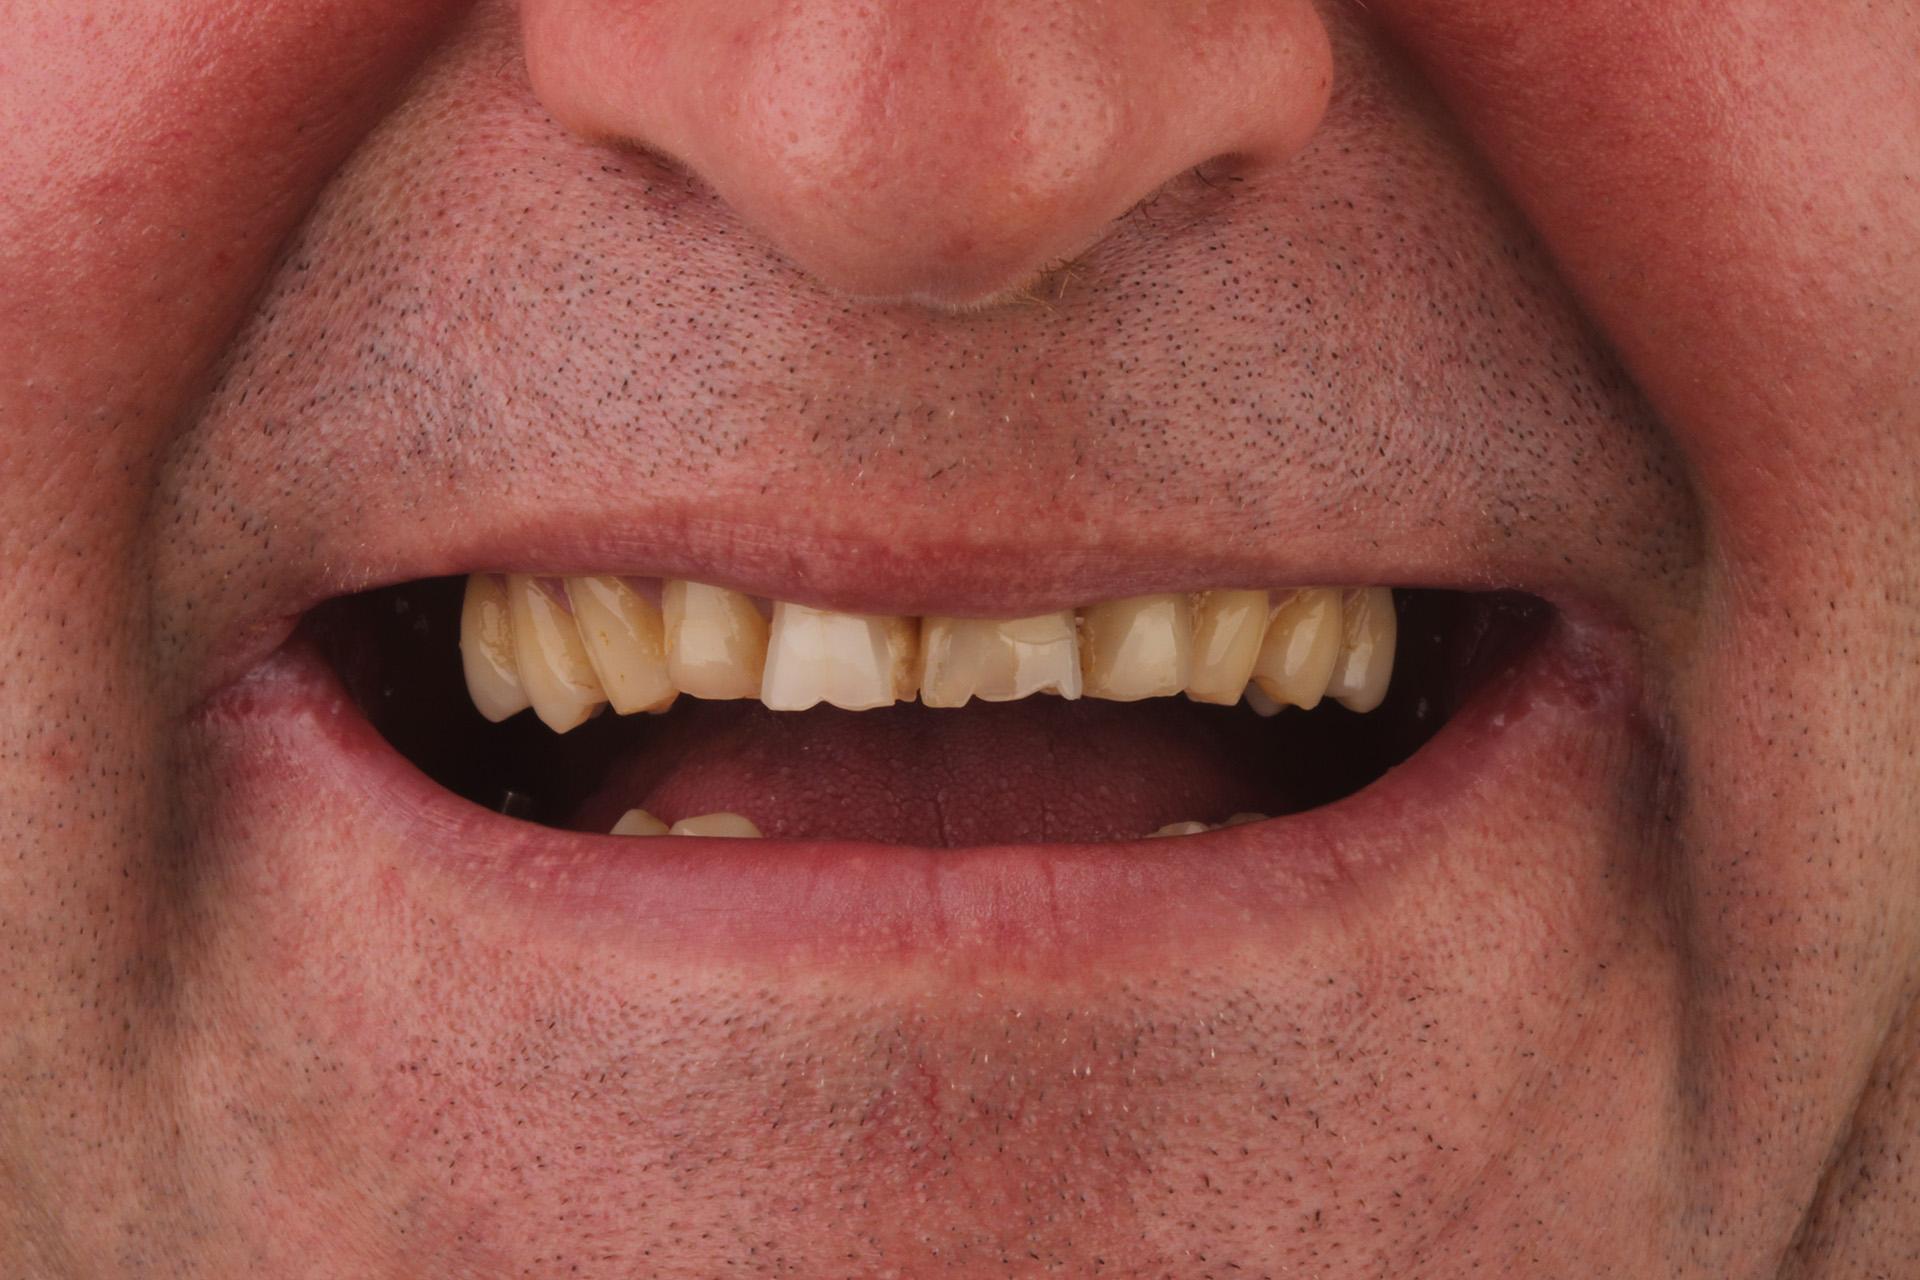 фото улыбки до консультации